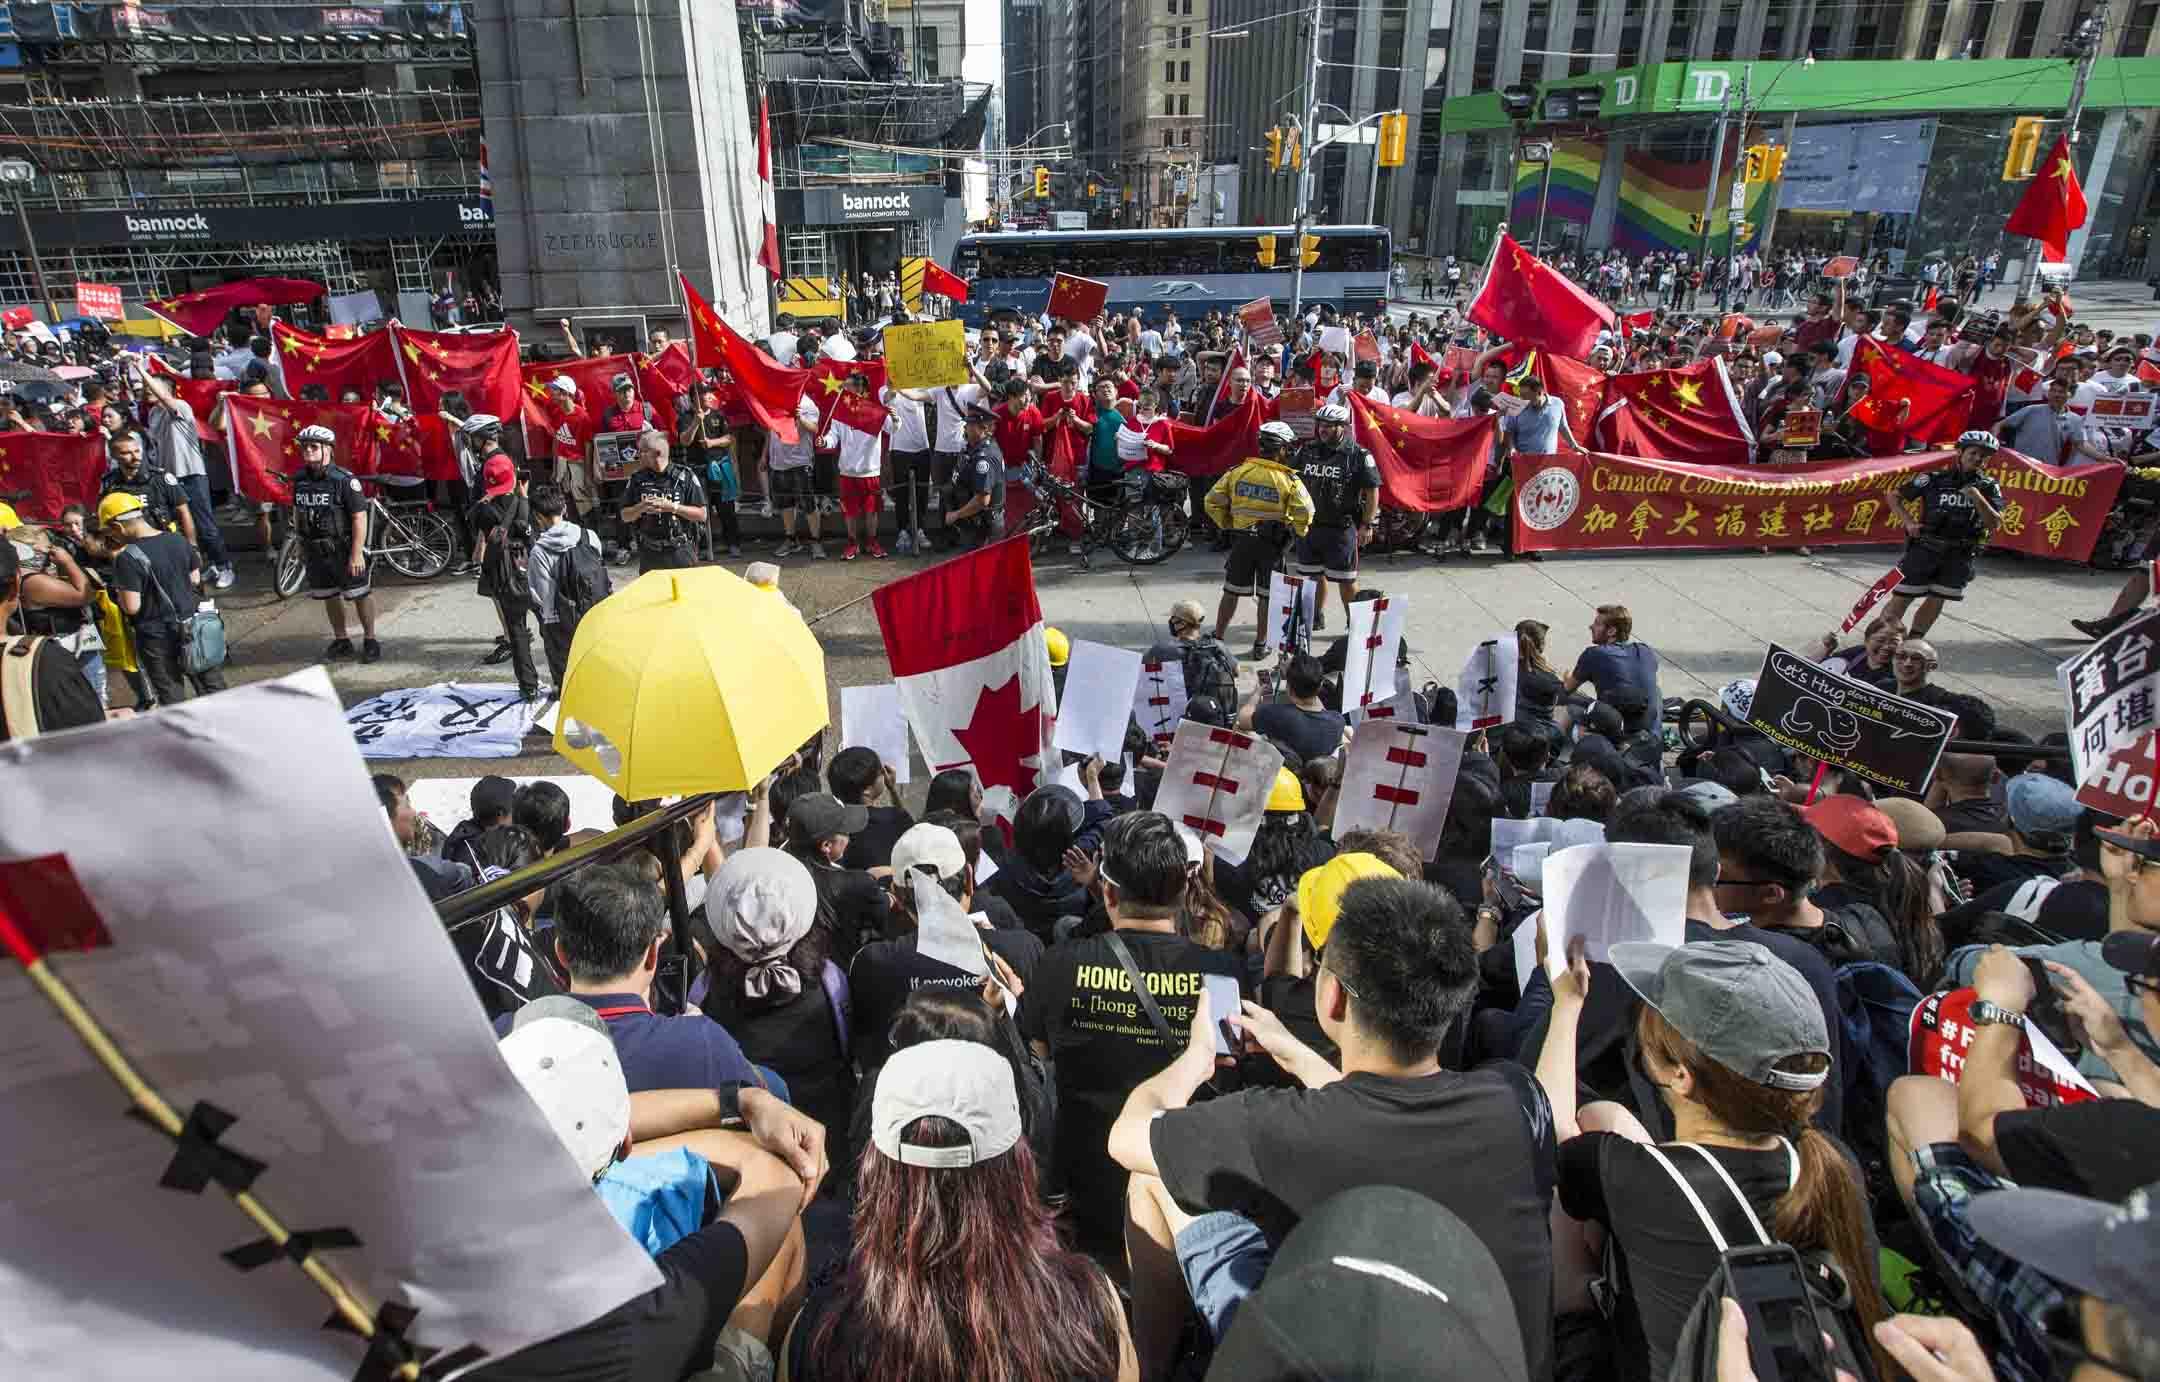 2019年8月17日,加拿大多倫多有反逃犯條例及大陸留學生支持中國的示威,反逃犯條例一方佔據了老市政廳前台階上較高的地勢,大陸留學生則從廣場一側迅速聚集。雙方在台階下形成一條臨時對峙線。 攝:Rick Madonik/Toronto Star via Getty Images